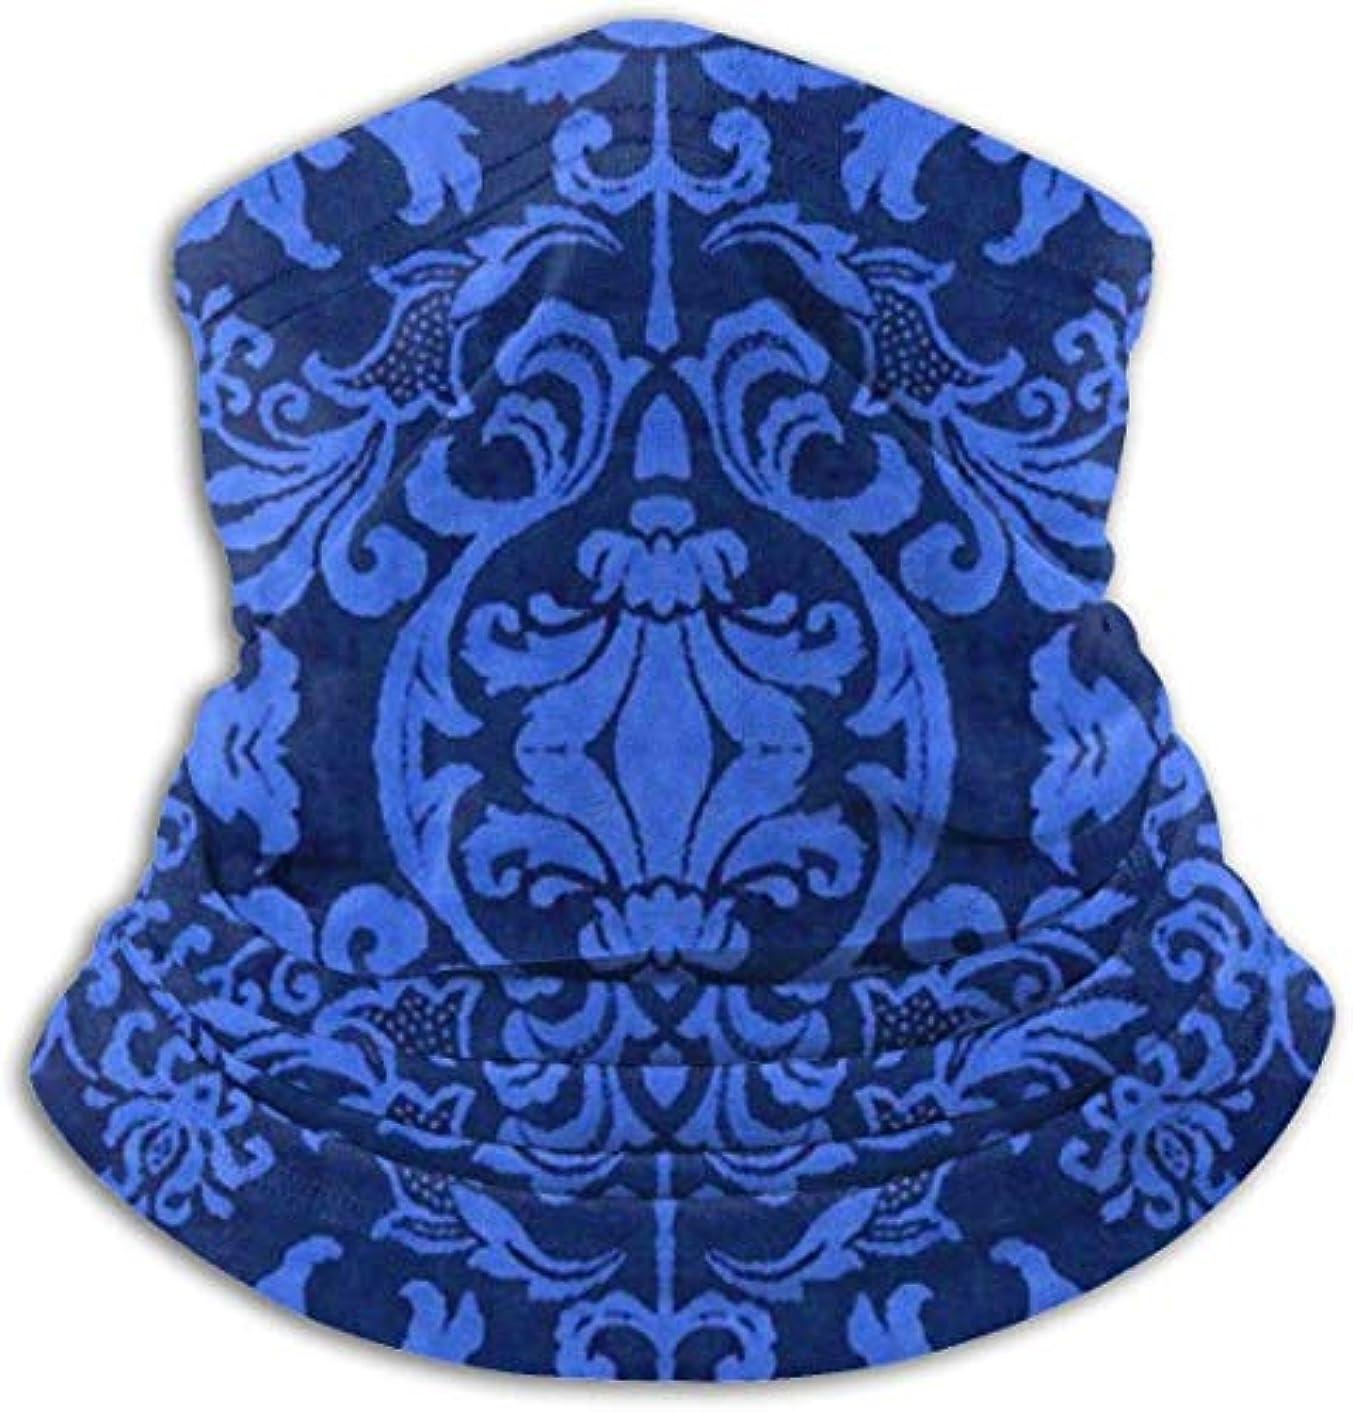 抑圧ボット欺く青いダマスク ネック暖かいスカーフ サーマルネックスカーフ マイクロファイバーネックウォーマー ネックウォーマー マフラー 帽子 ヘッドバンド 秋冬 防寒 防風 キャップ 多機能 ネック ゲーター 男女兼用